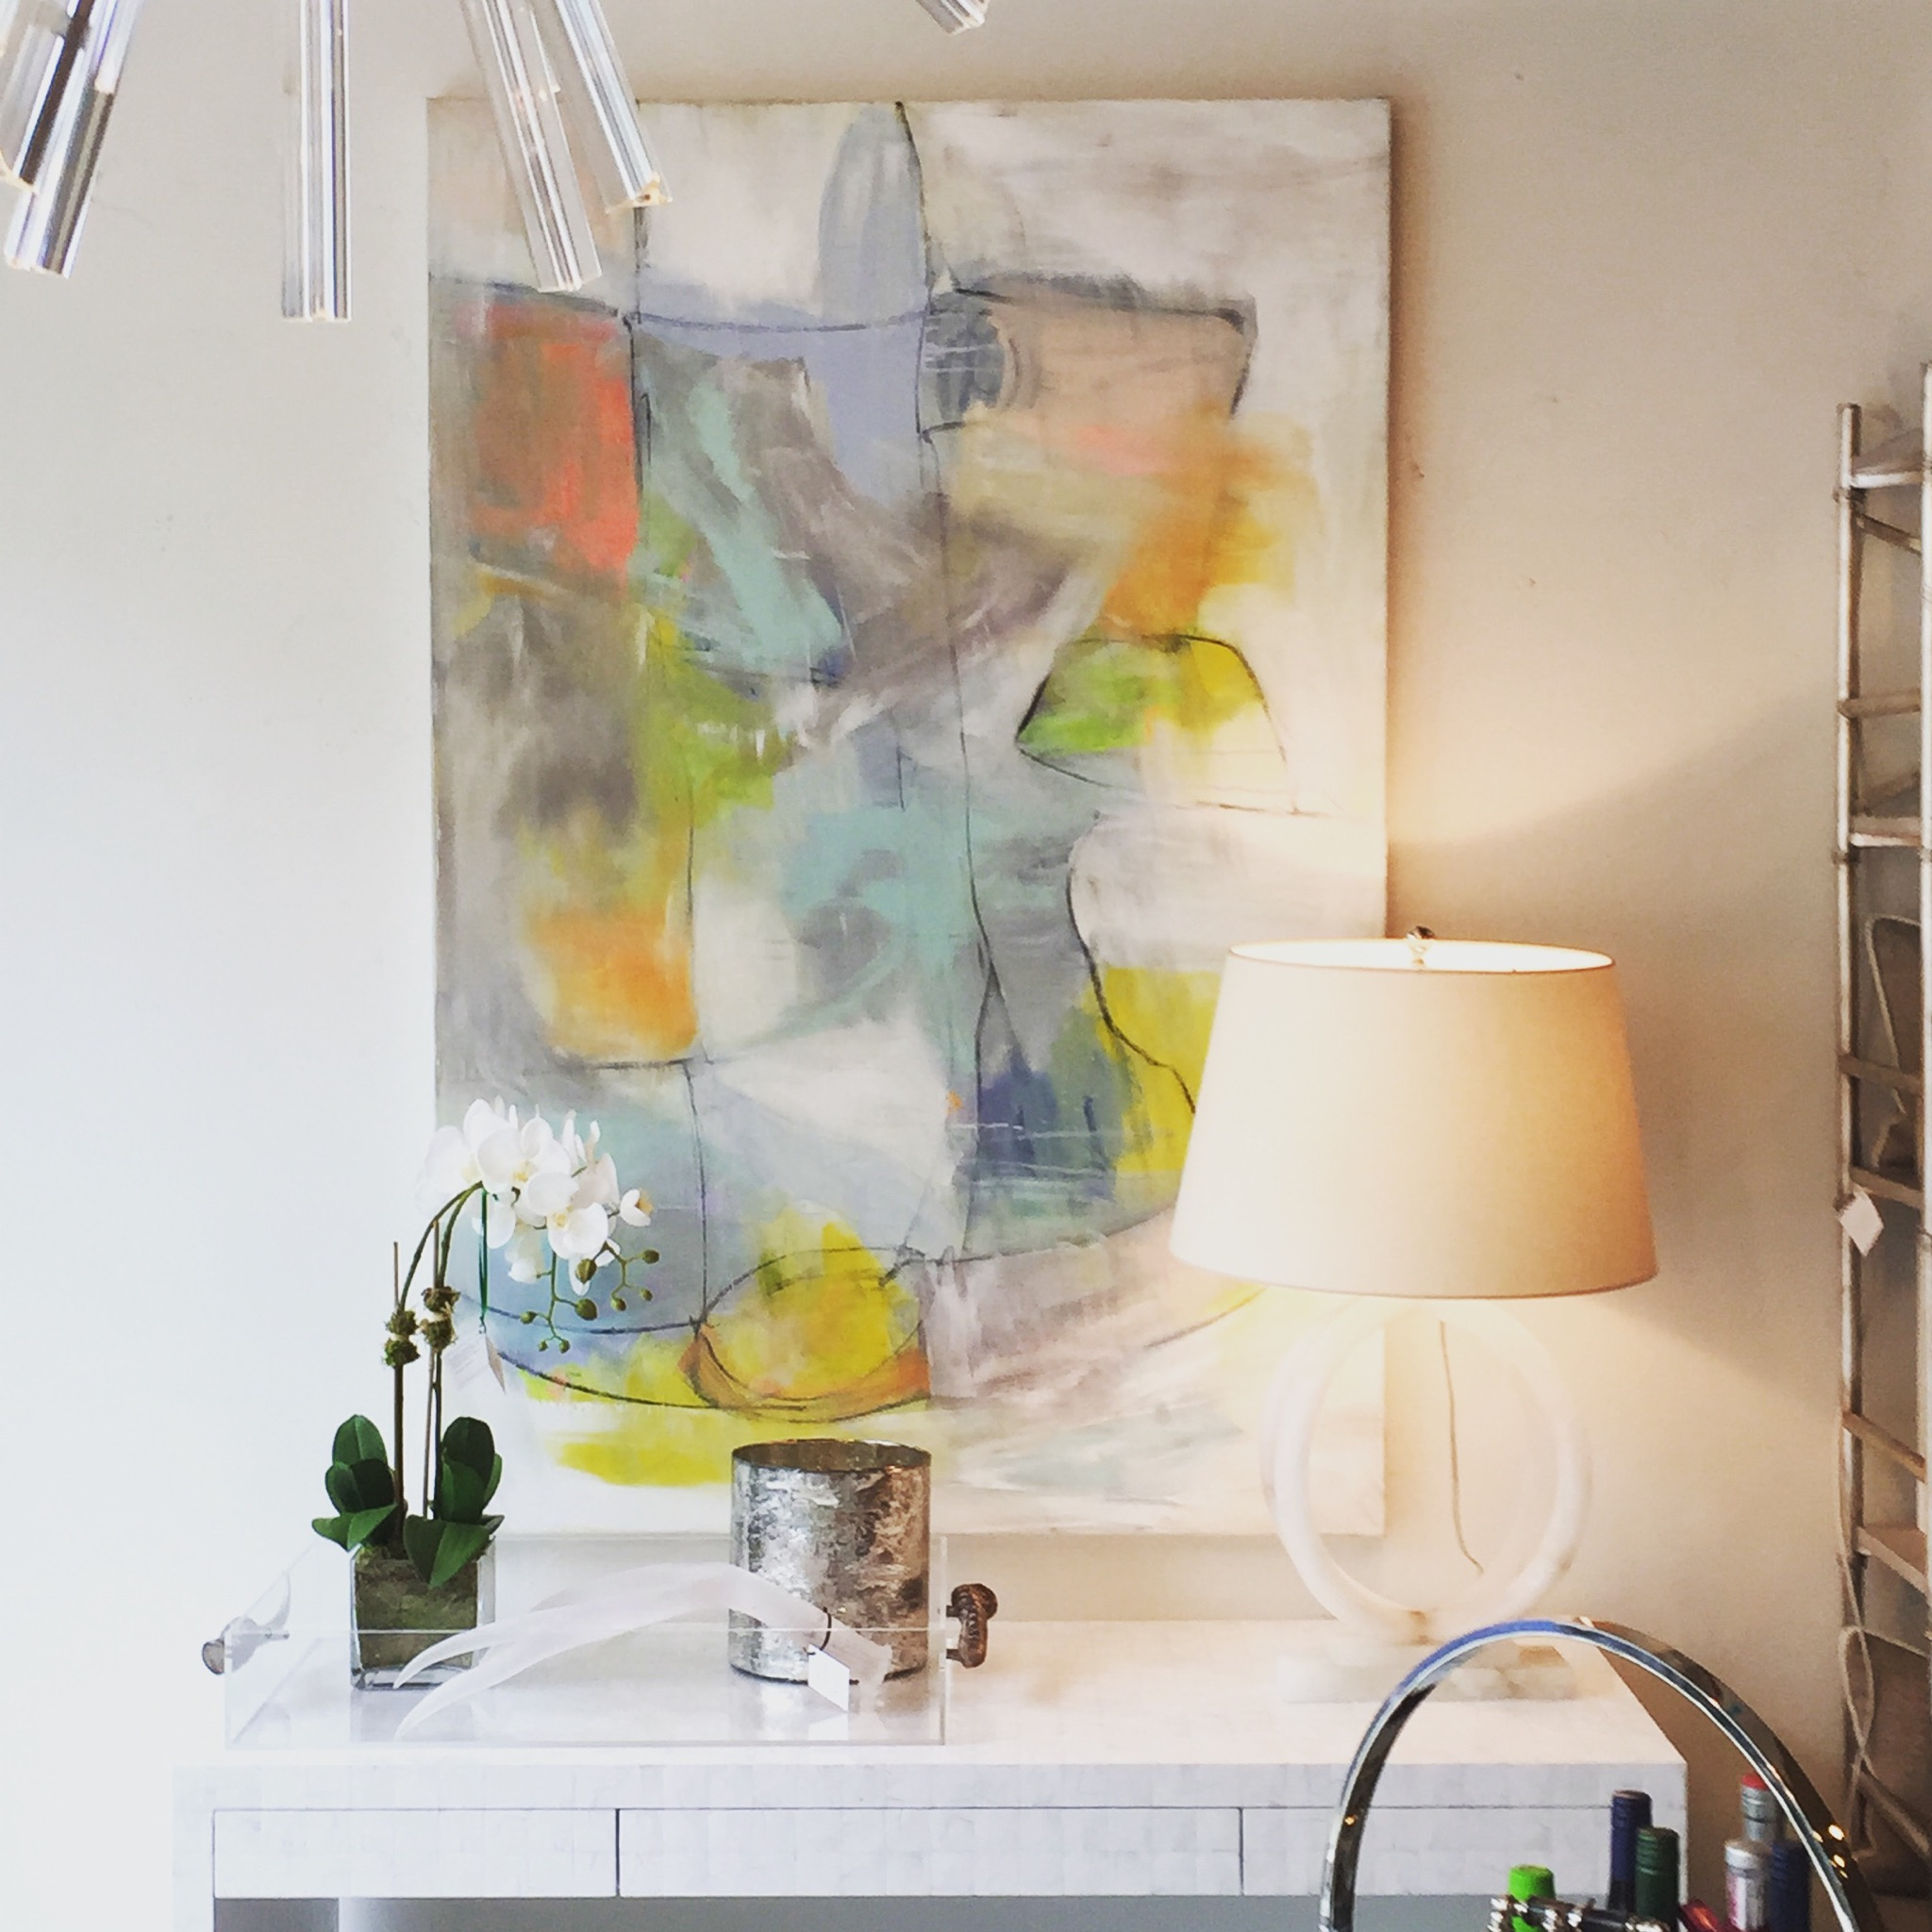 Nest Inspired Home, Rye, NY - Artwork by Kerri Rosenthal